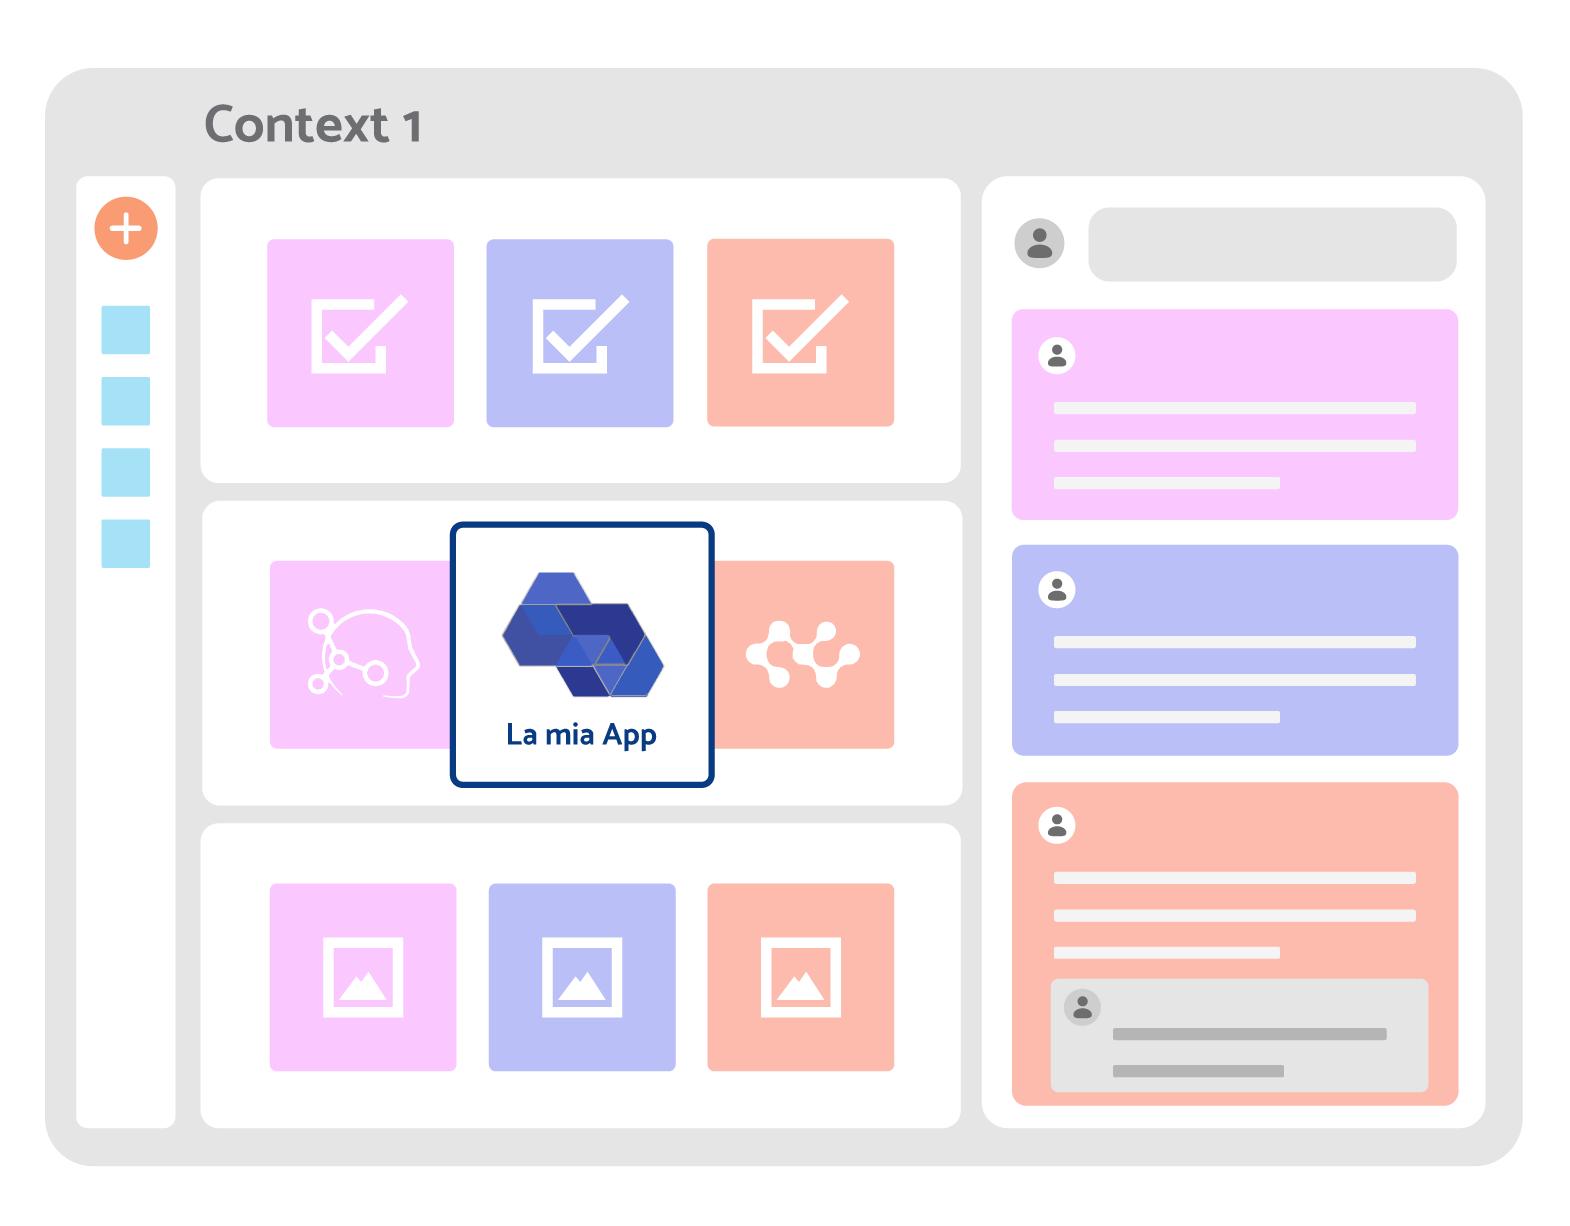 Grafica della piattaforma con al centro la propria app da integrare